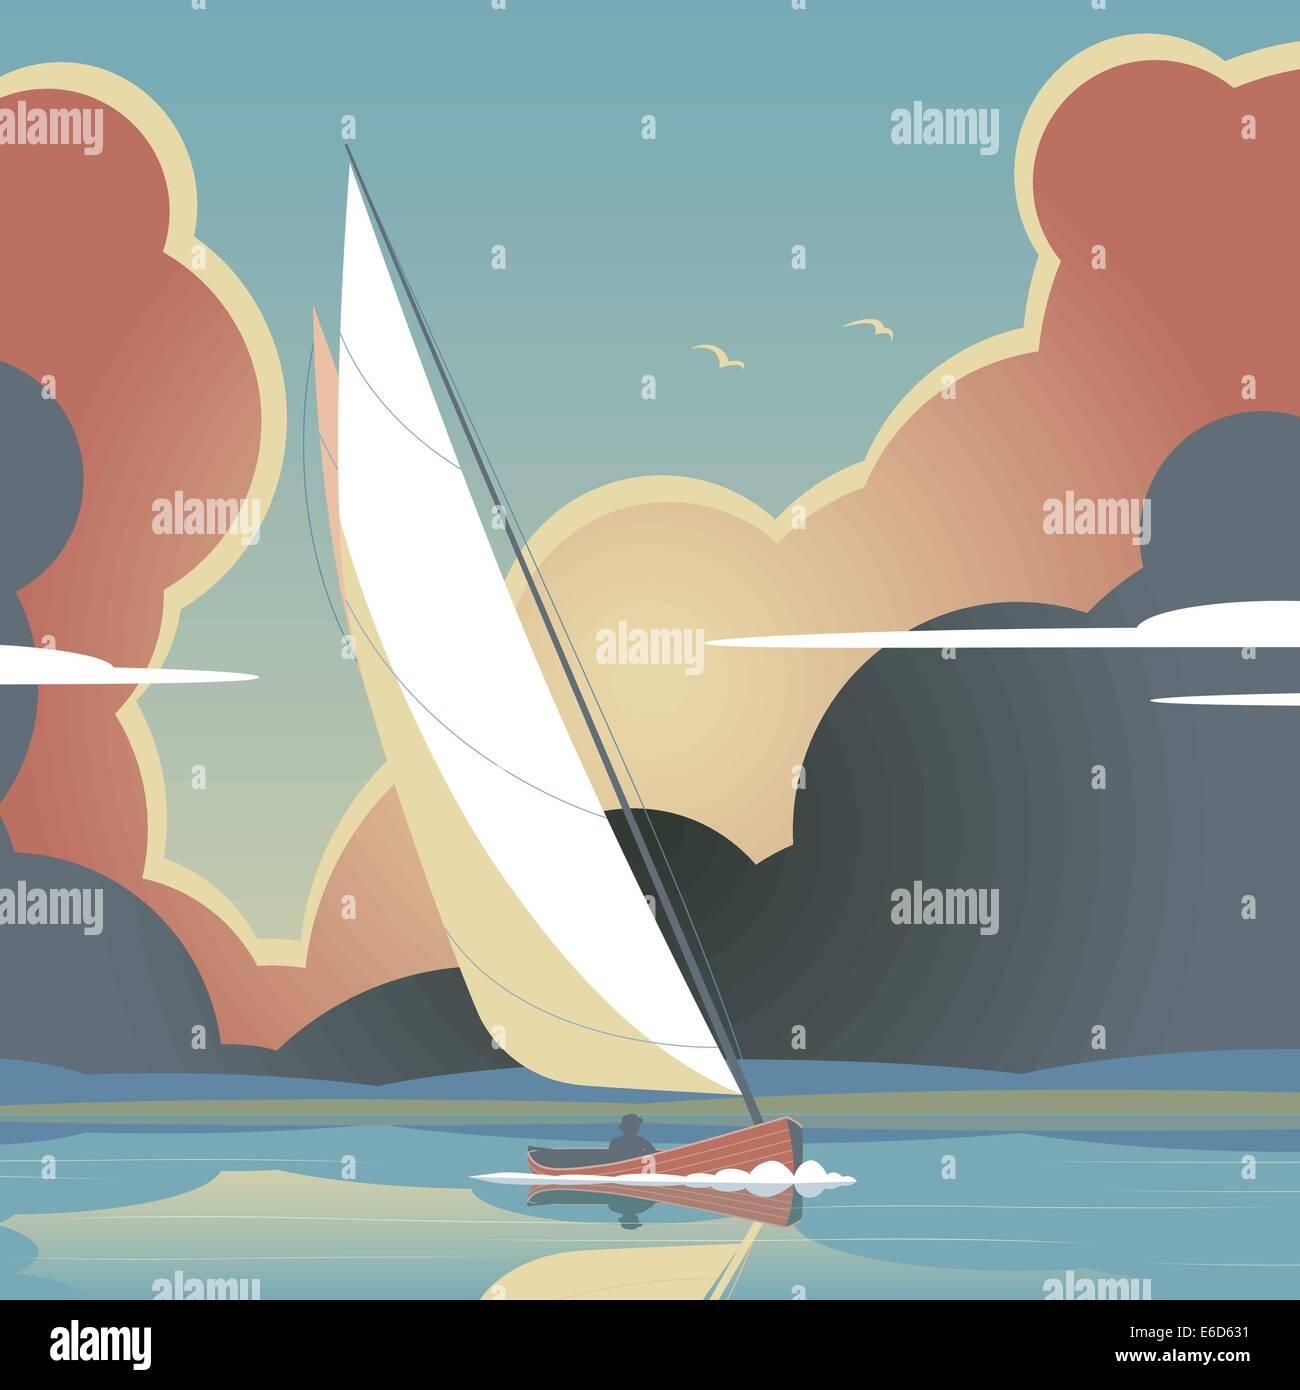 Modificabile illustrazione vettoriale di un uomo sailing yacht in acqua calmaIllustrazione Vettoriale